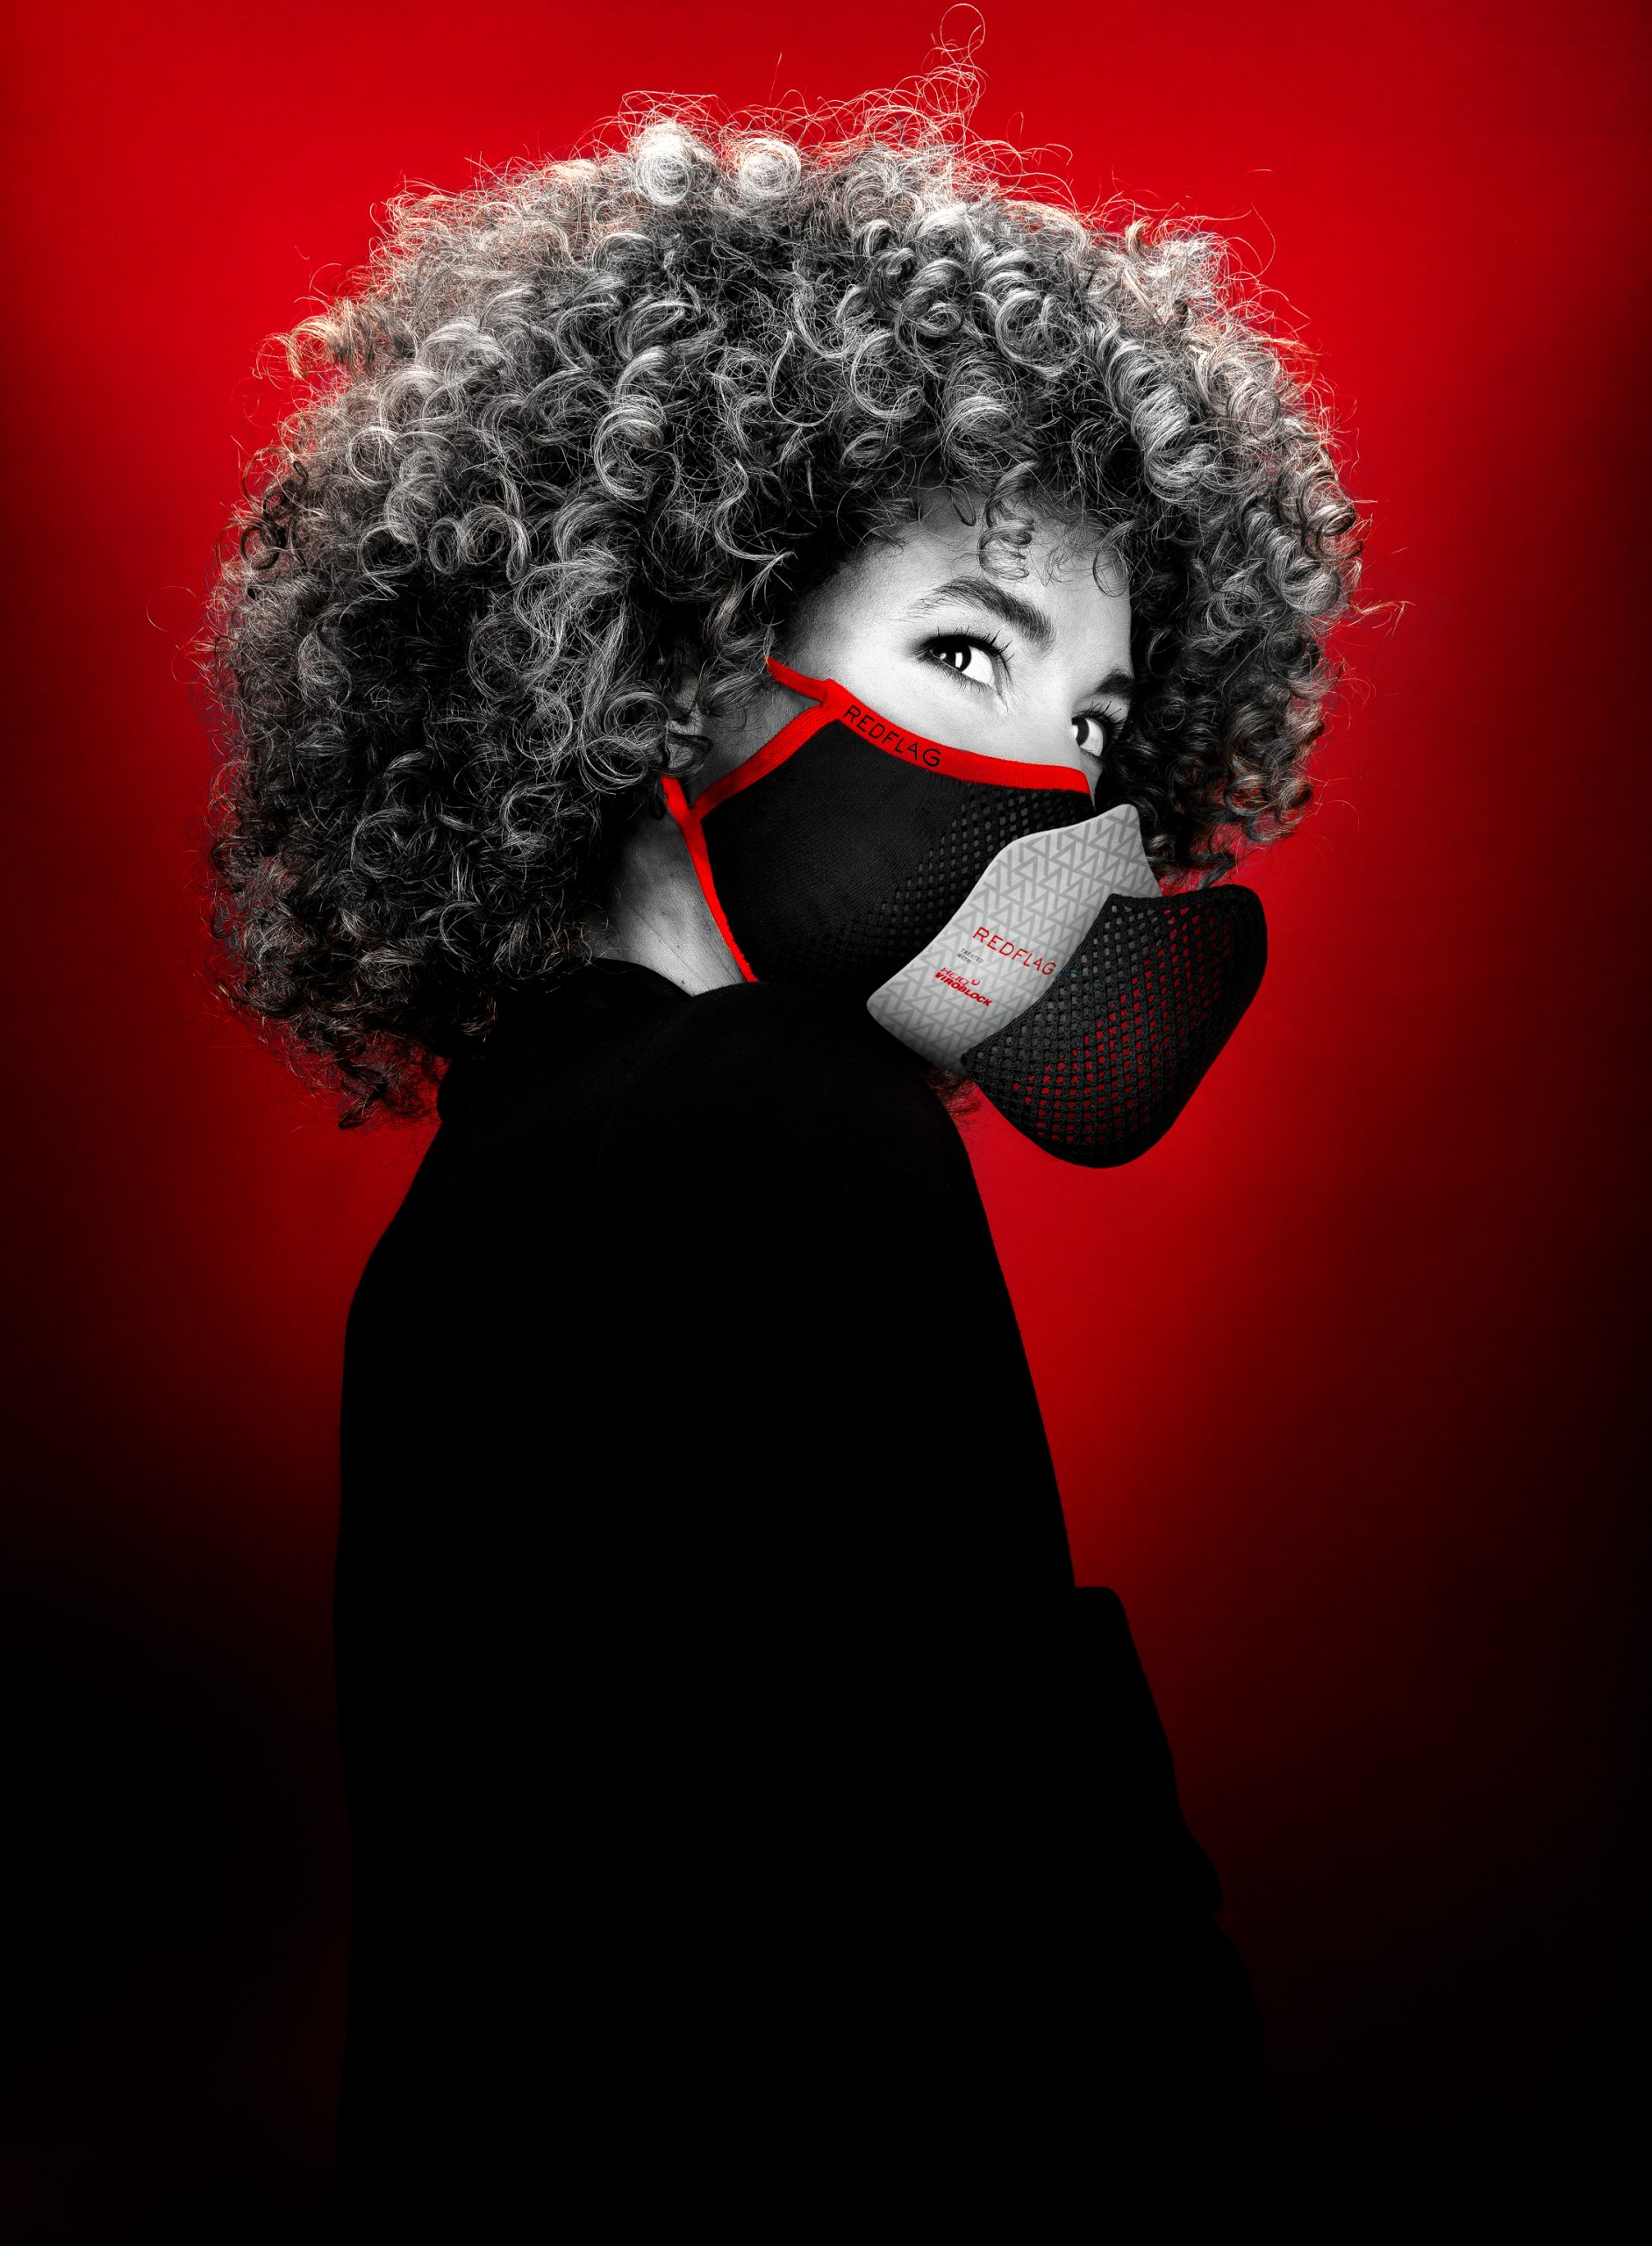 Protection maximale, ergonomie, innovation technique et durabilité réunies dans le masque développé par Redflag, une start-up lausannoise.